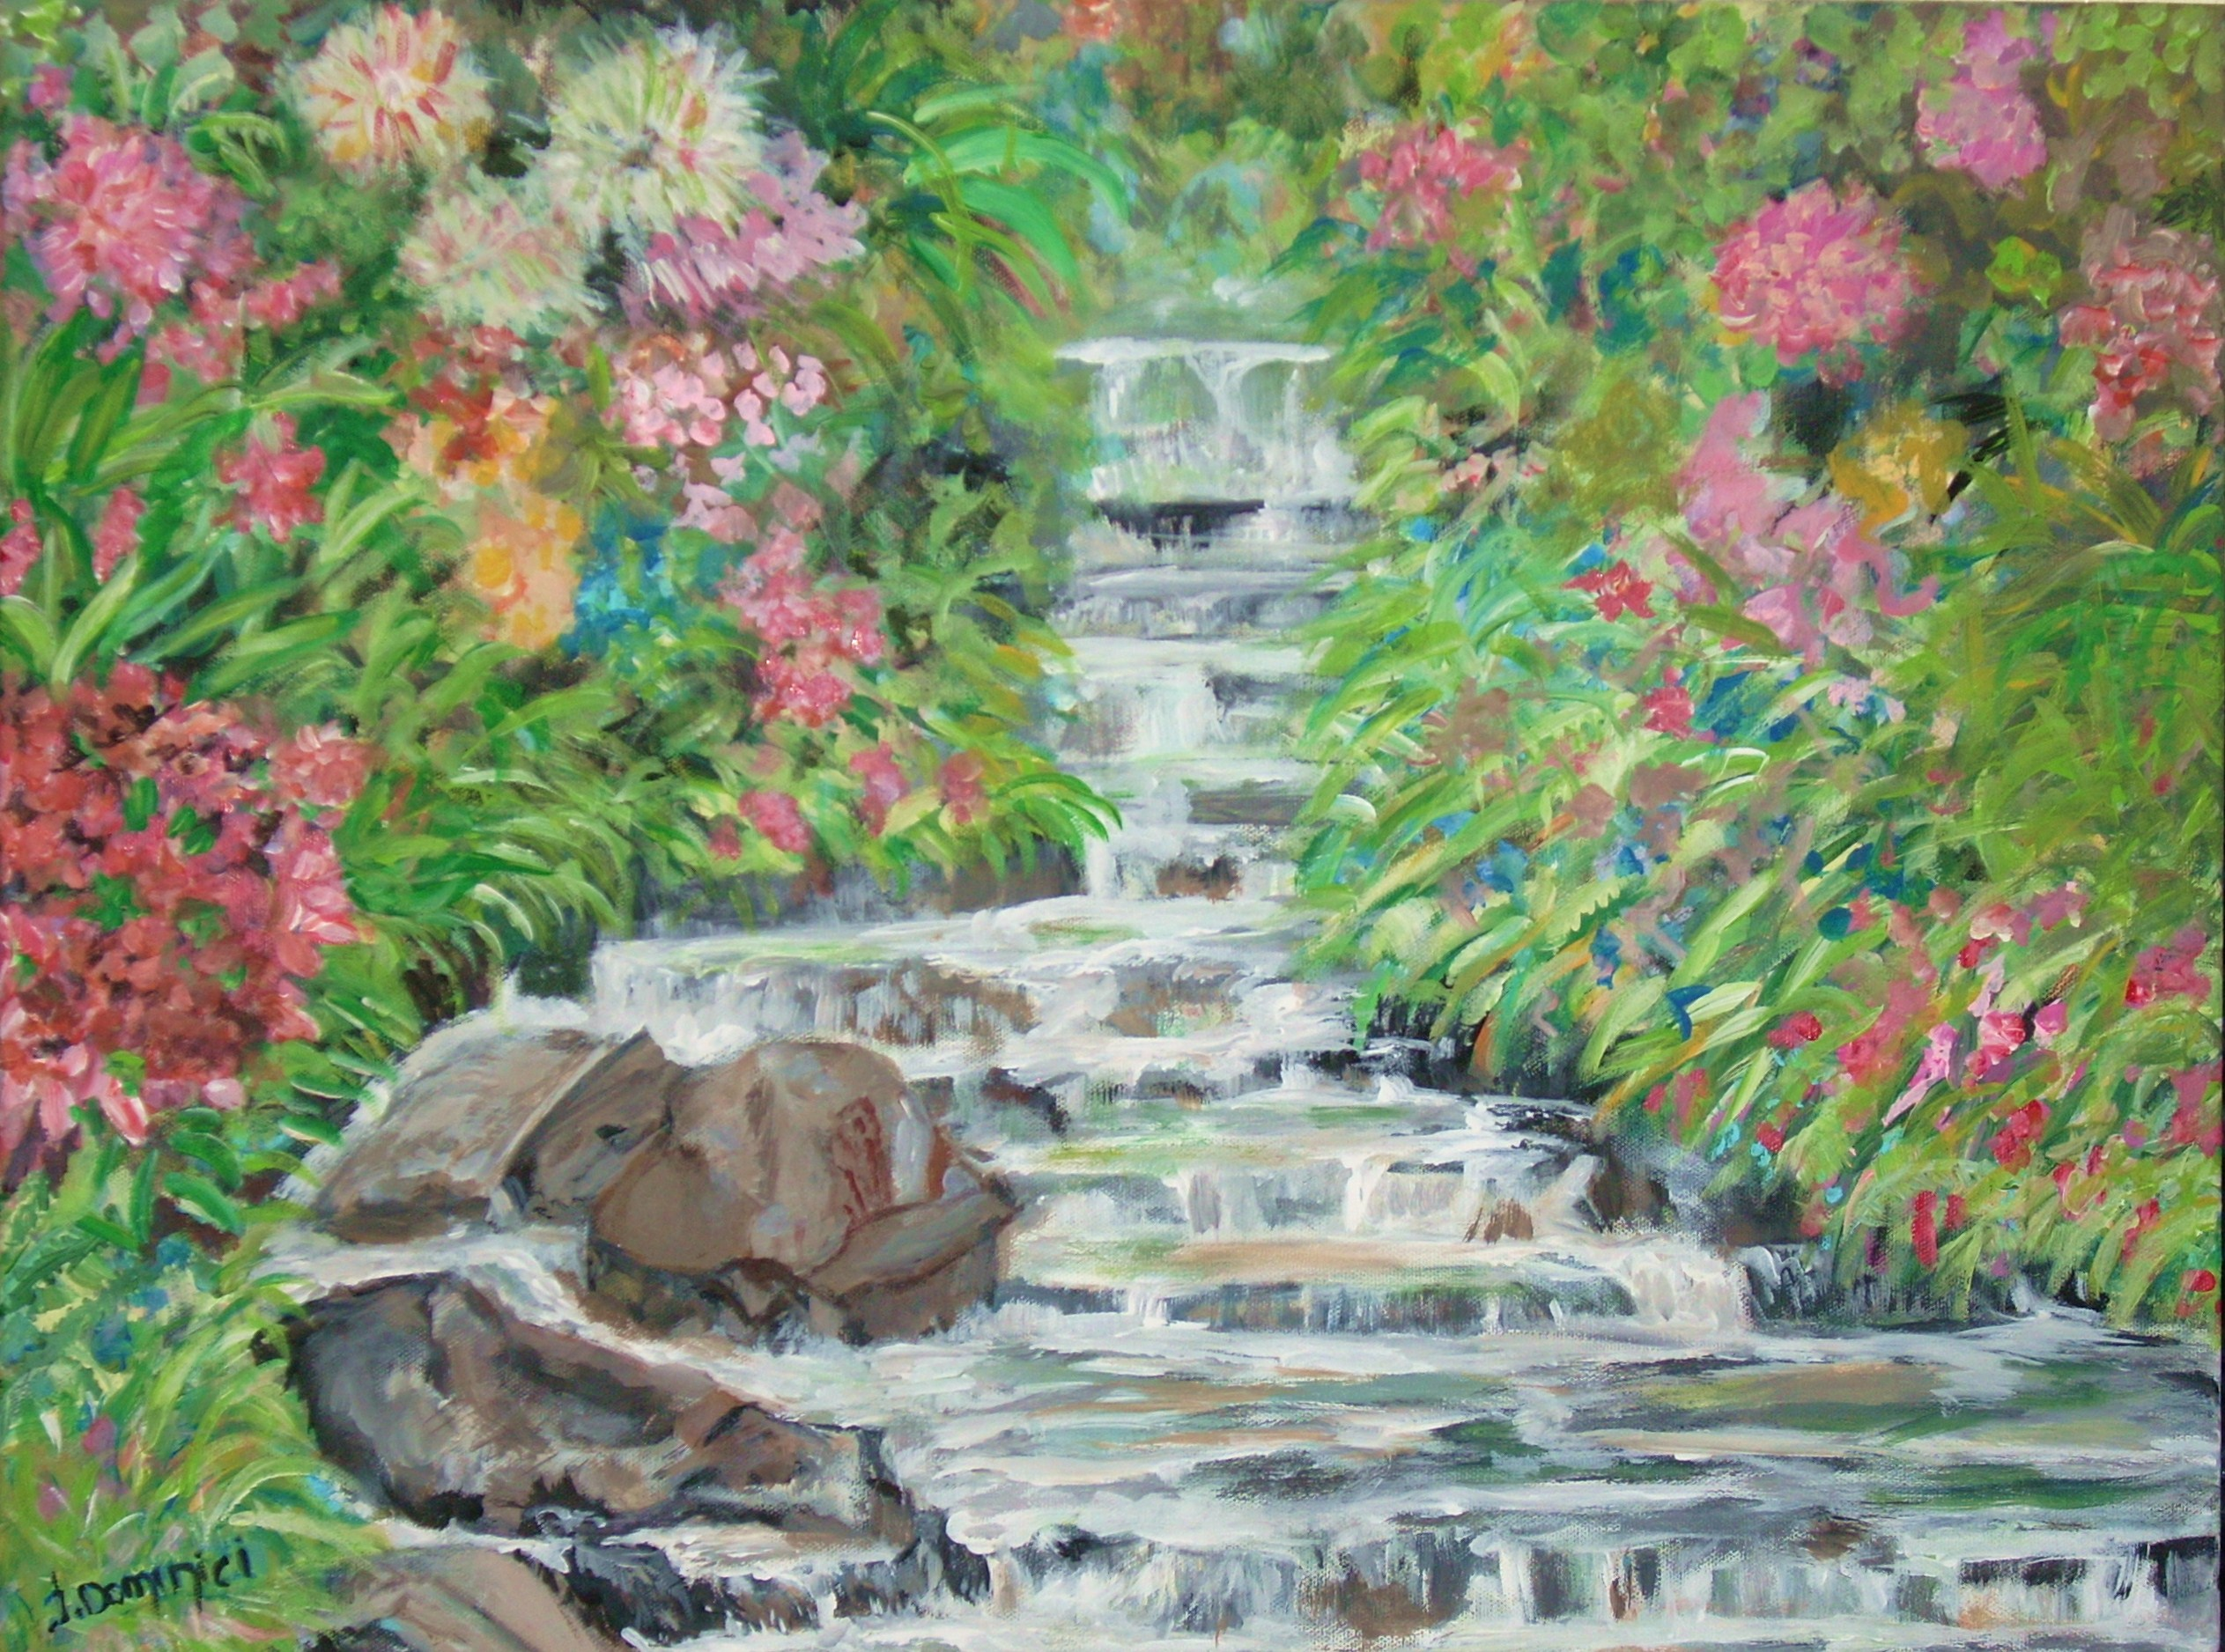 teresadominici albums nature the enchanted garden - Enchanted Garden